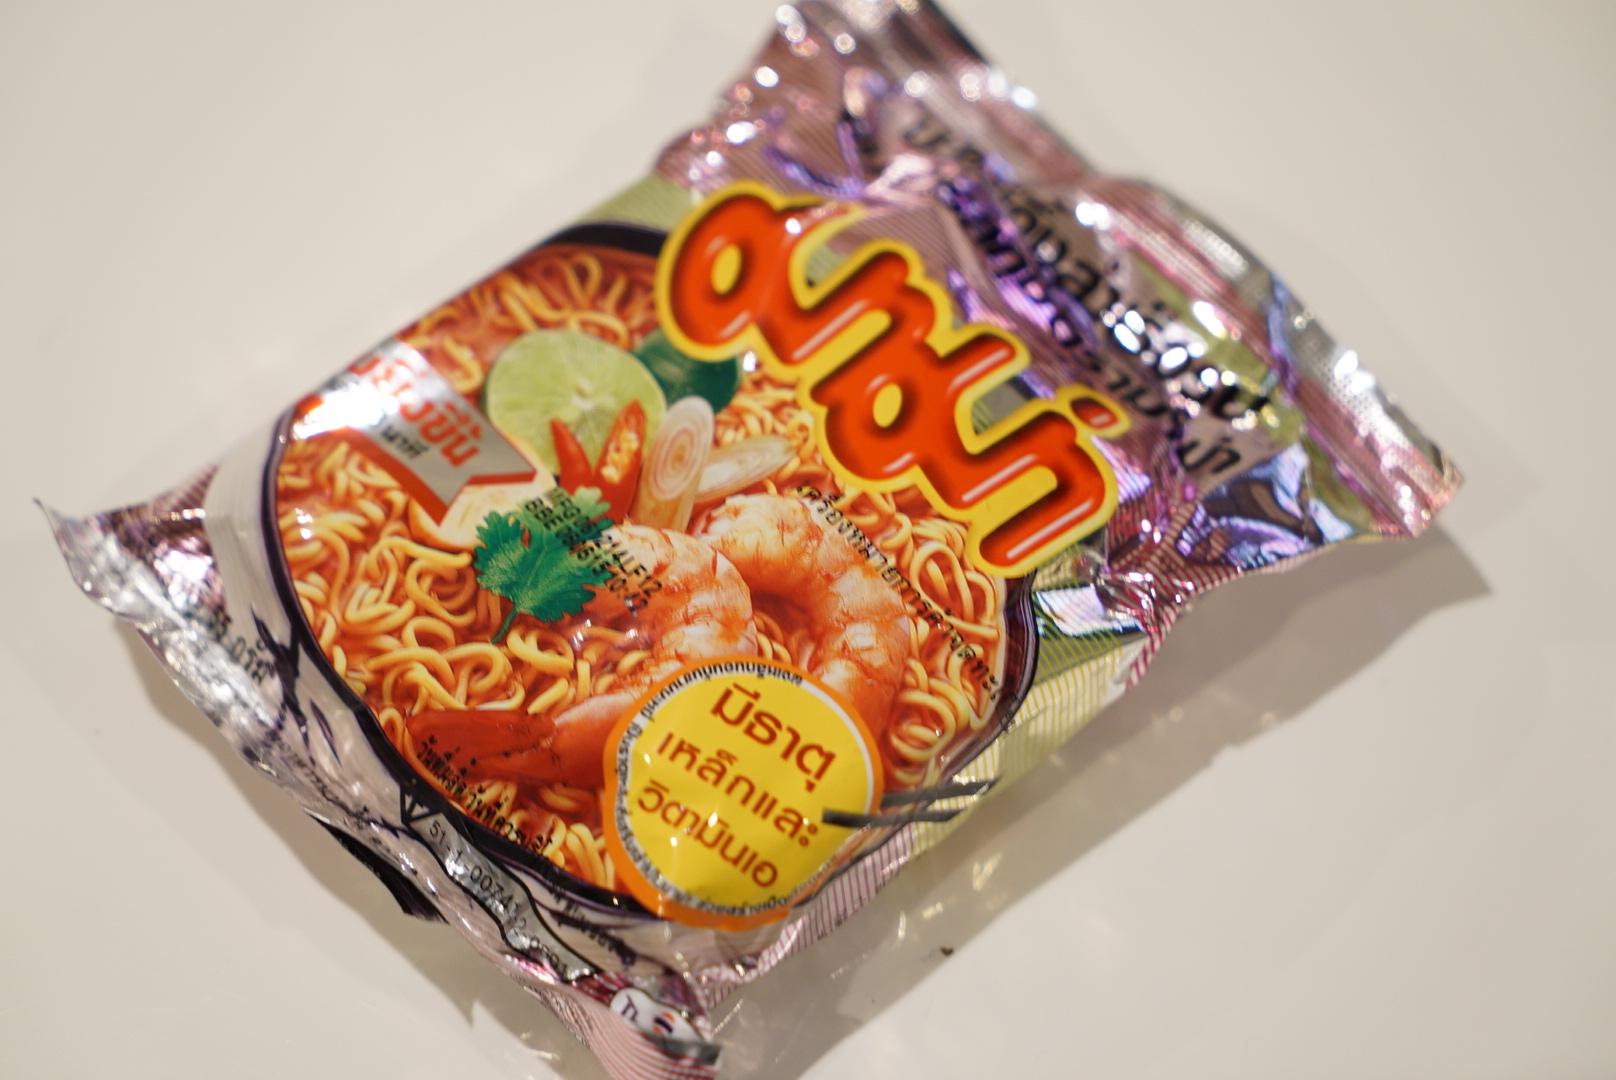 少数厳選、おすすめバンコク土産 10 -10 gifts I recommend in Bangkok